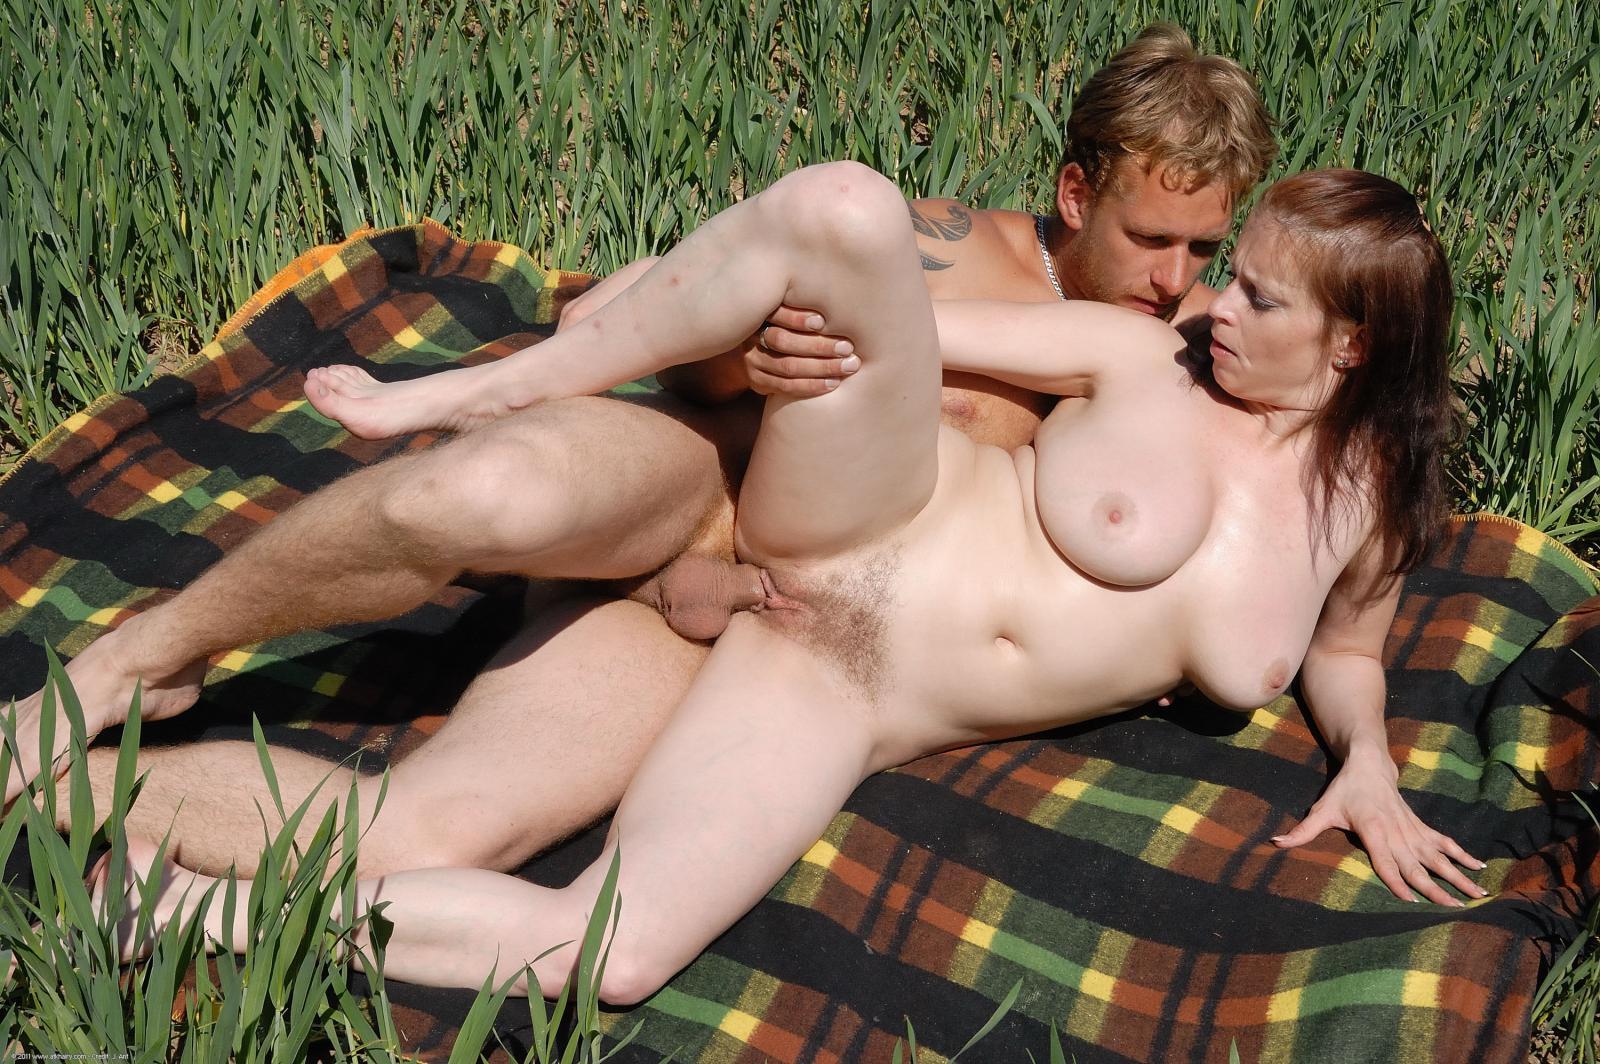 жен на природе бабы порно фото точно